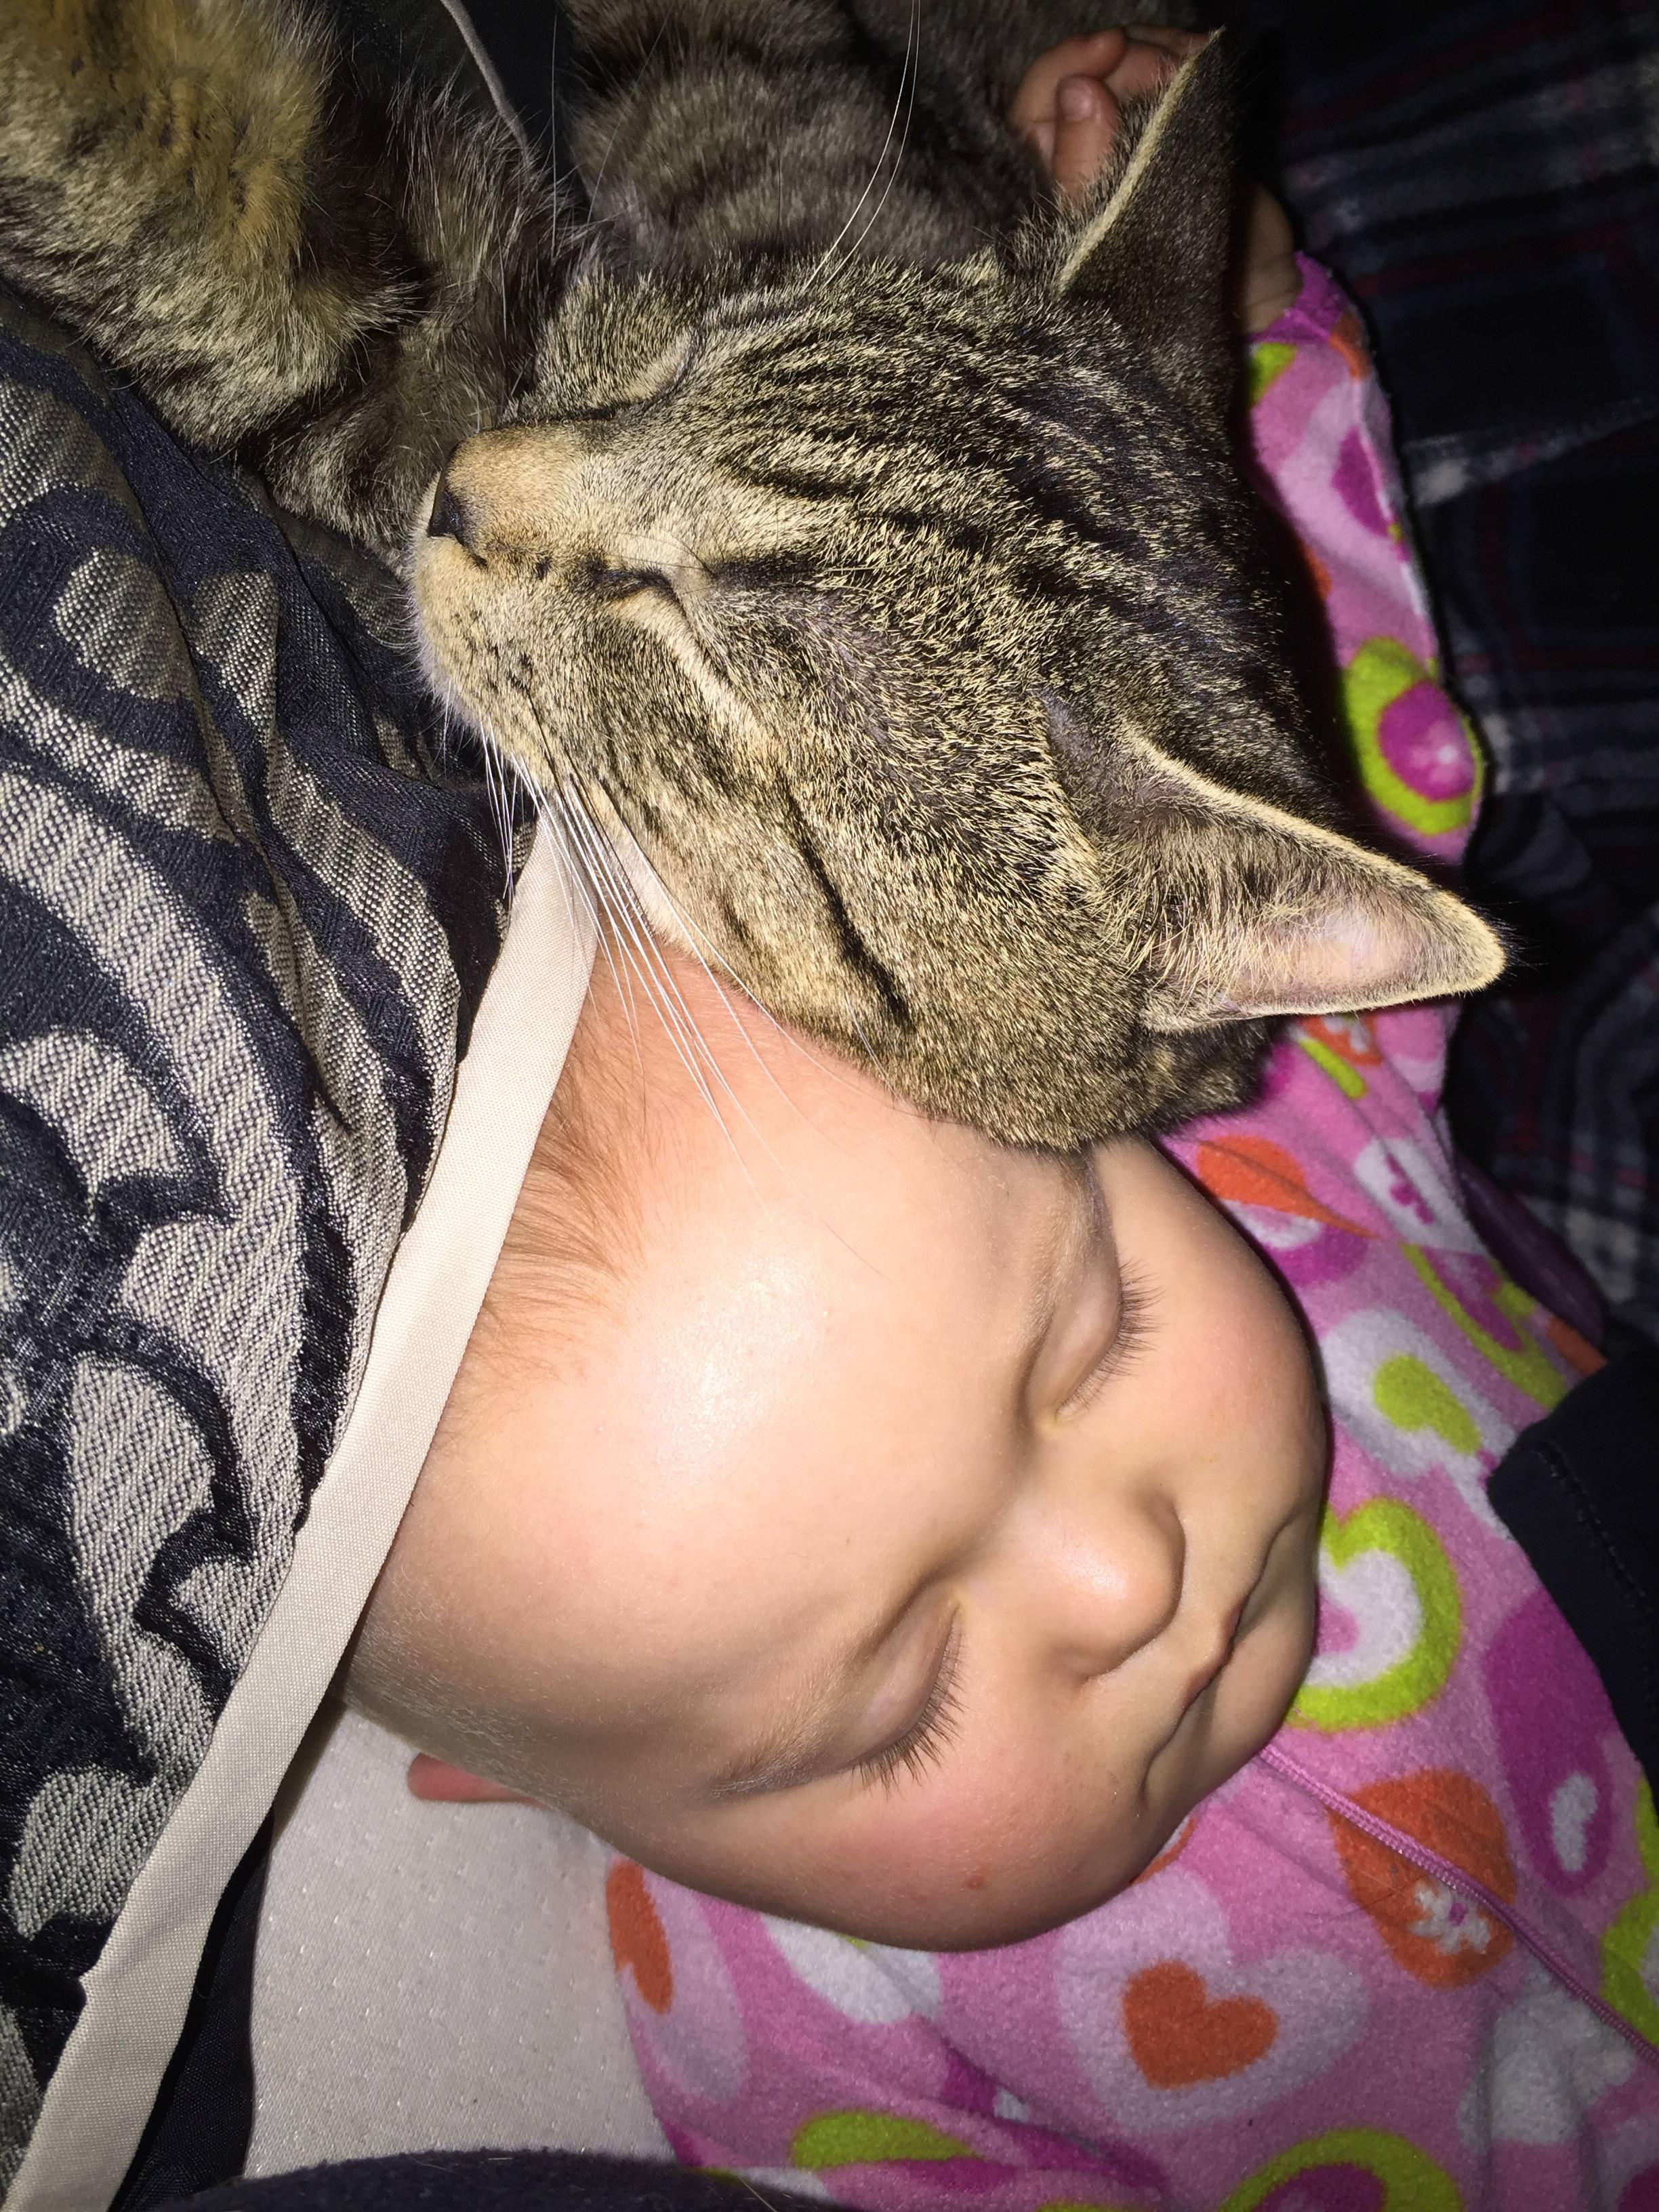 一緒に寝ている赤ちゃんと猫